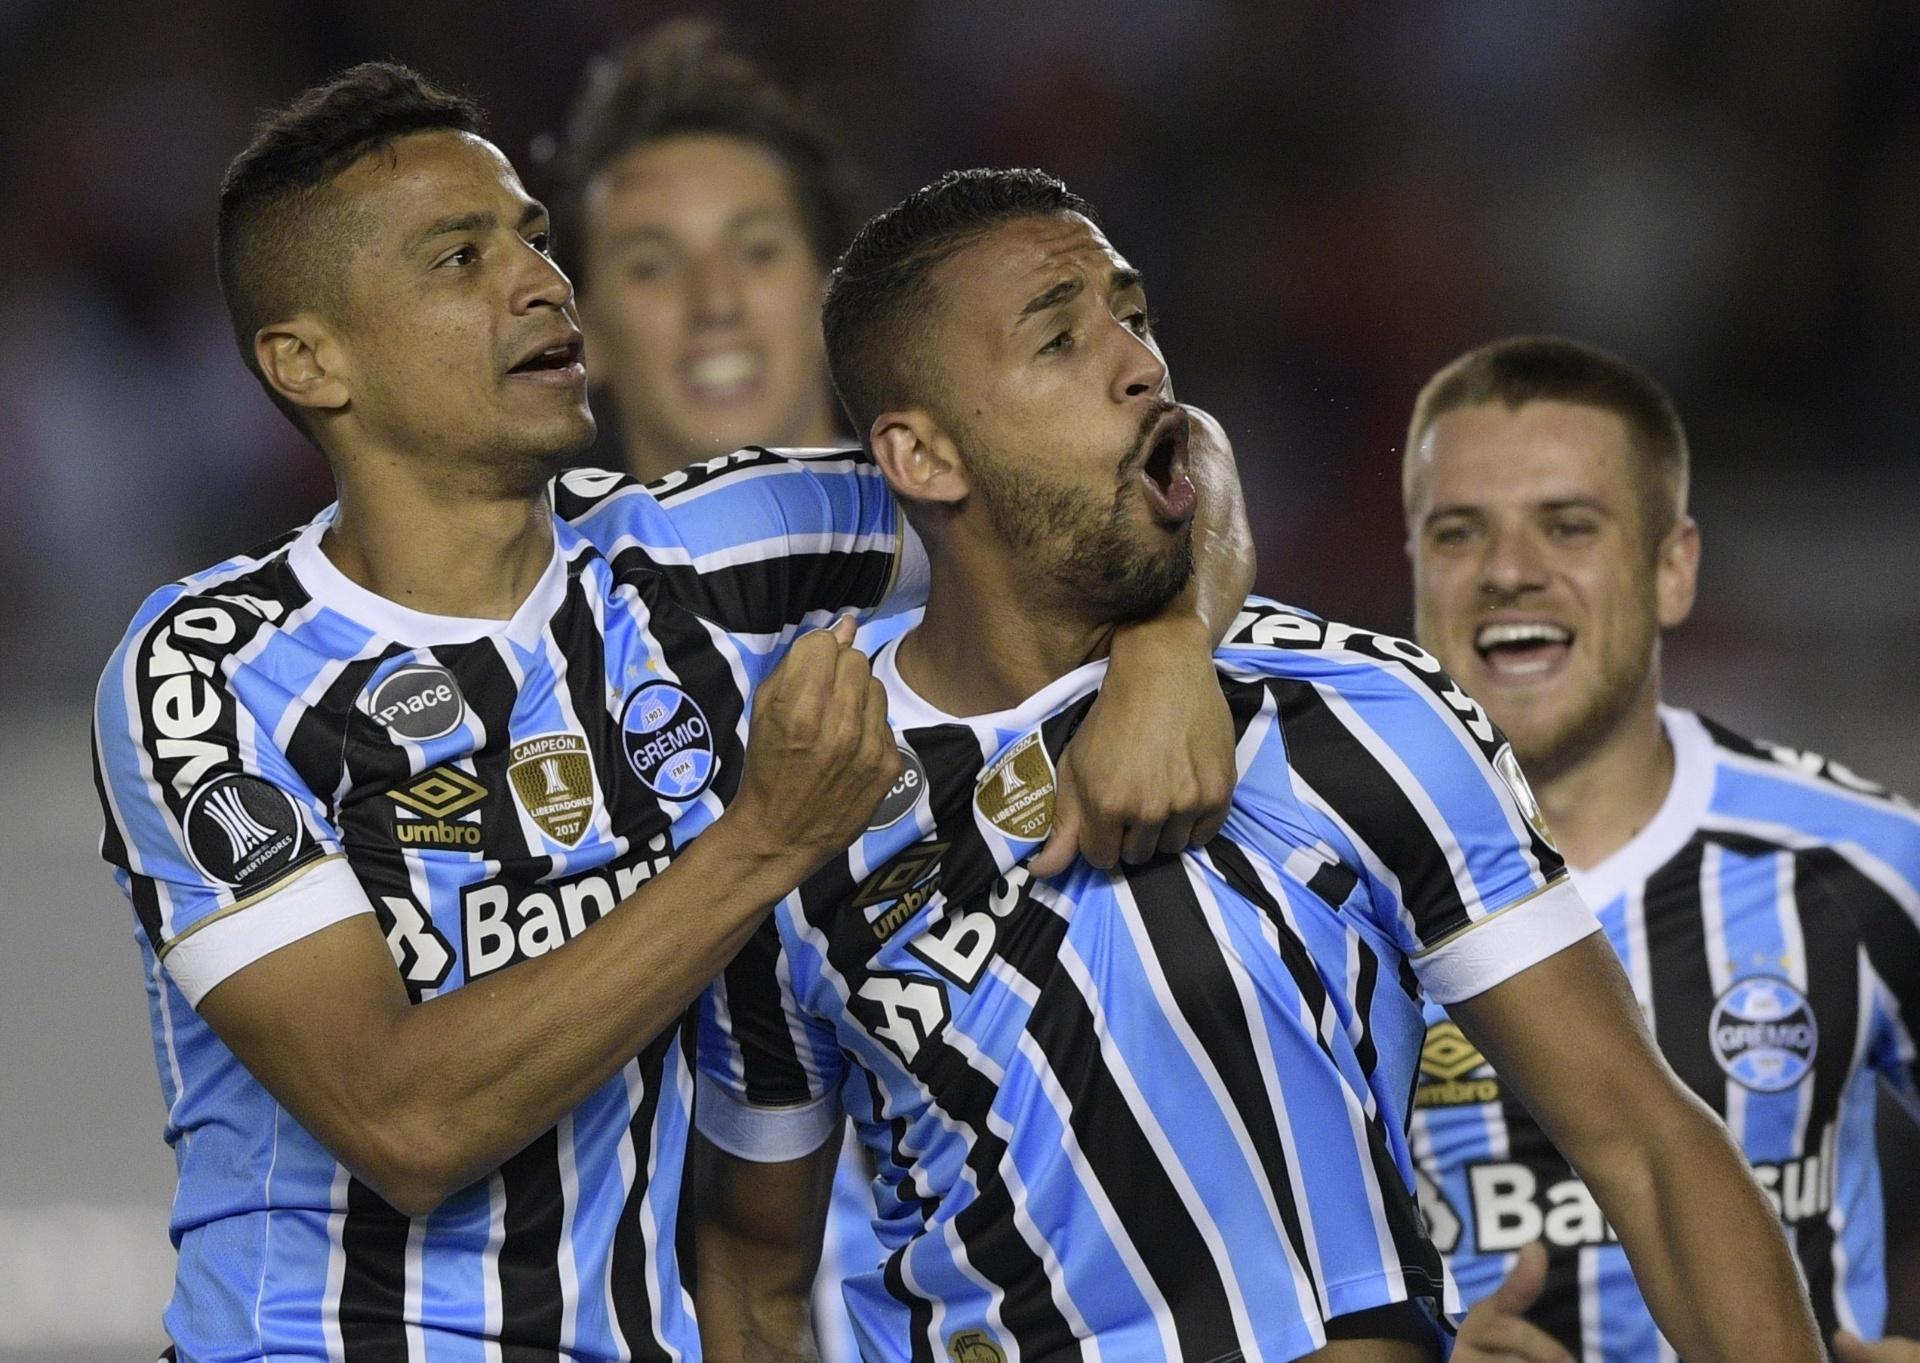 Assista aos melhores momentos de River Plate x Grêmio - 24 10 2018 - UOL  Esporte 3e63af9b31f1b